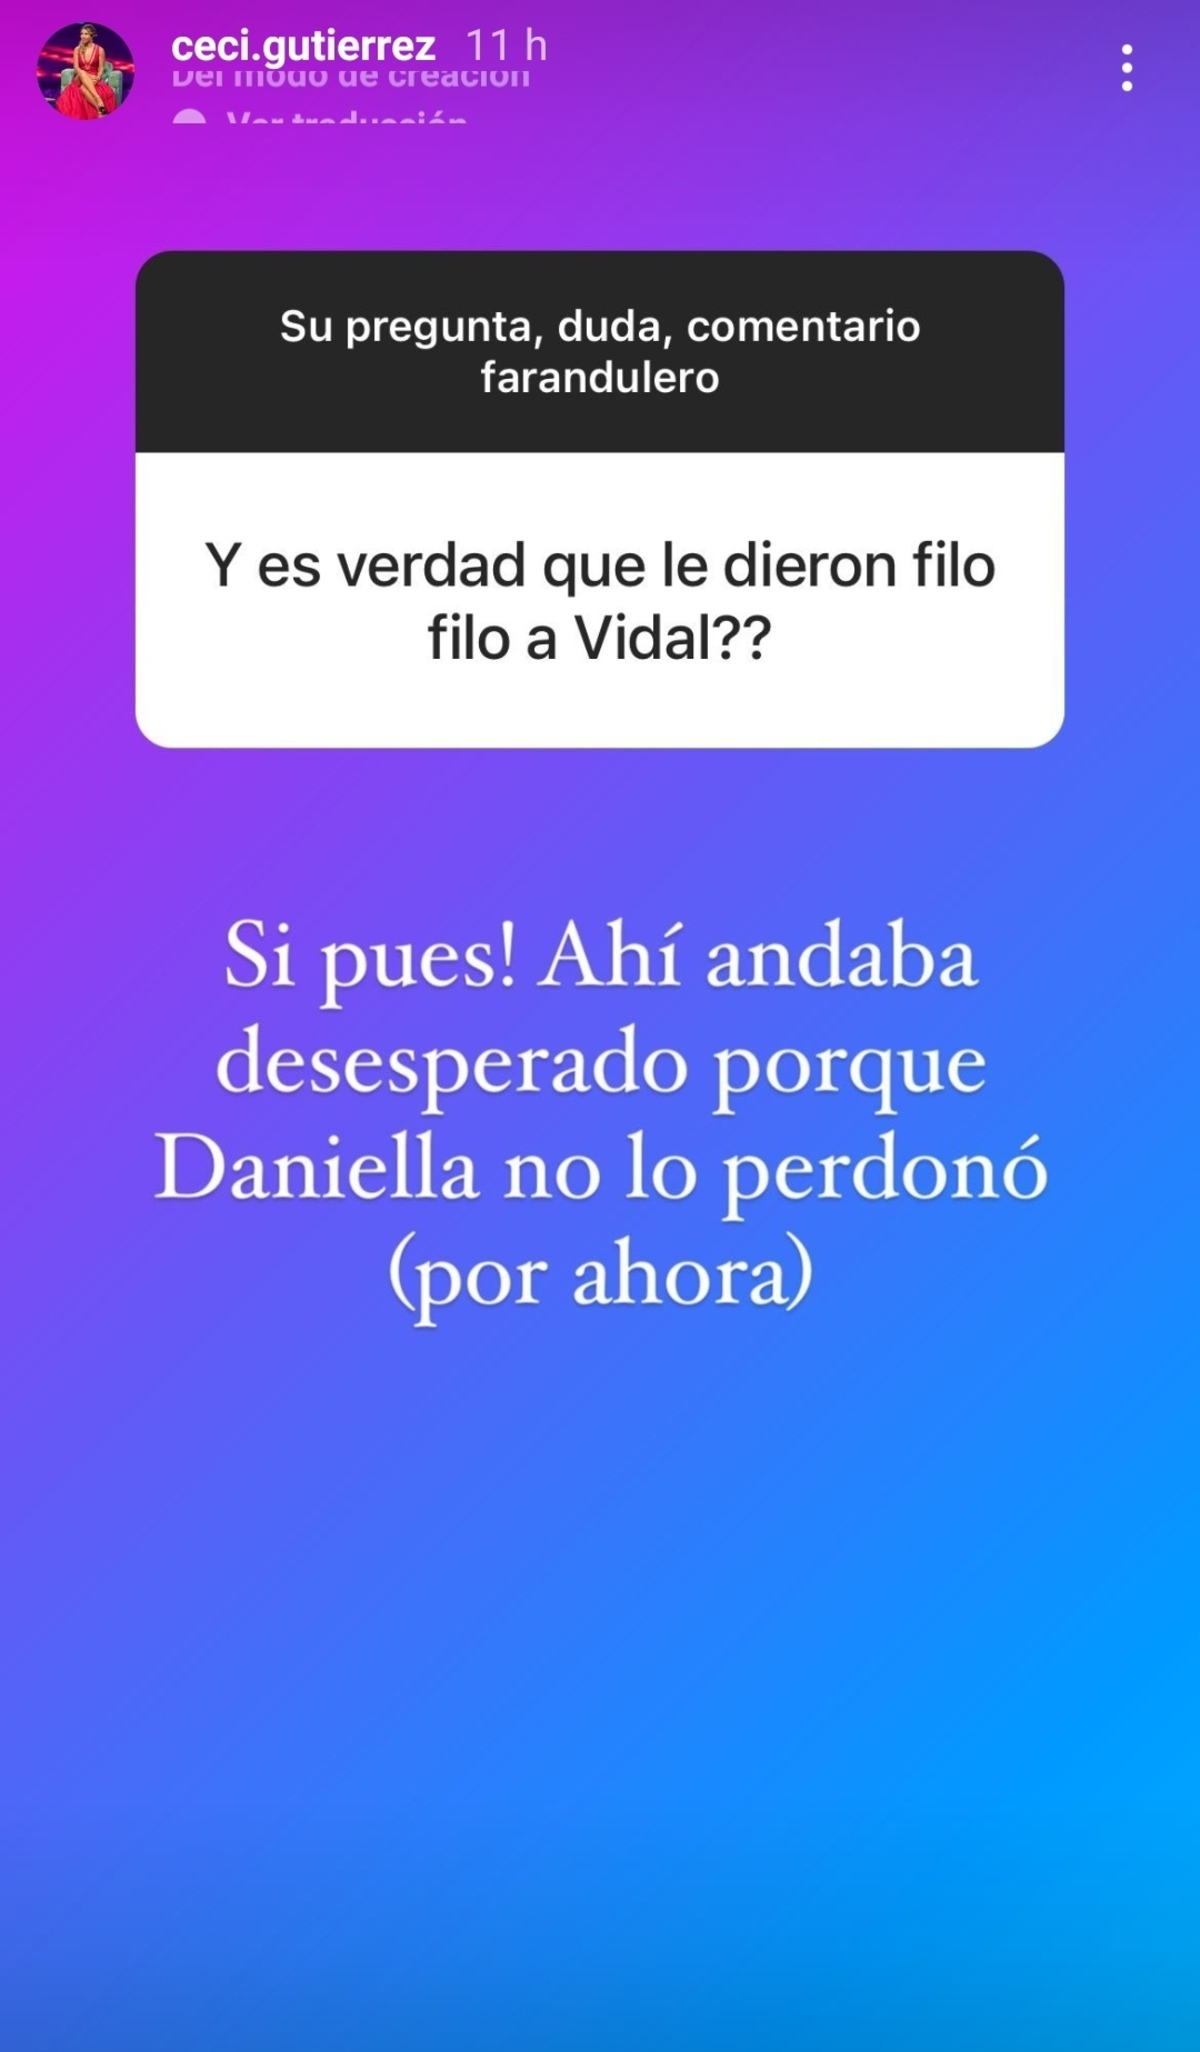 Daniella Vidal